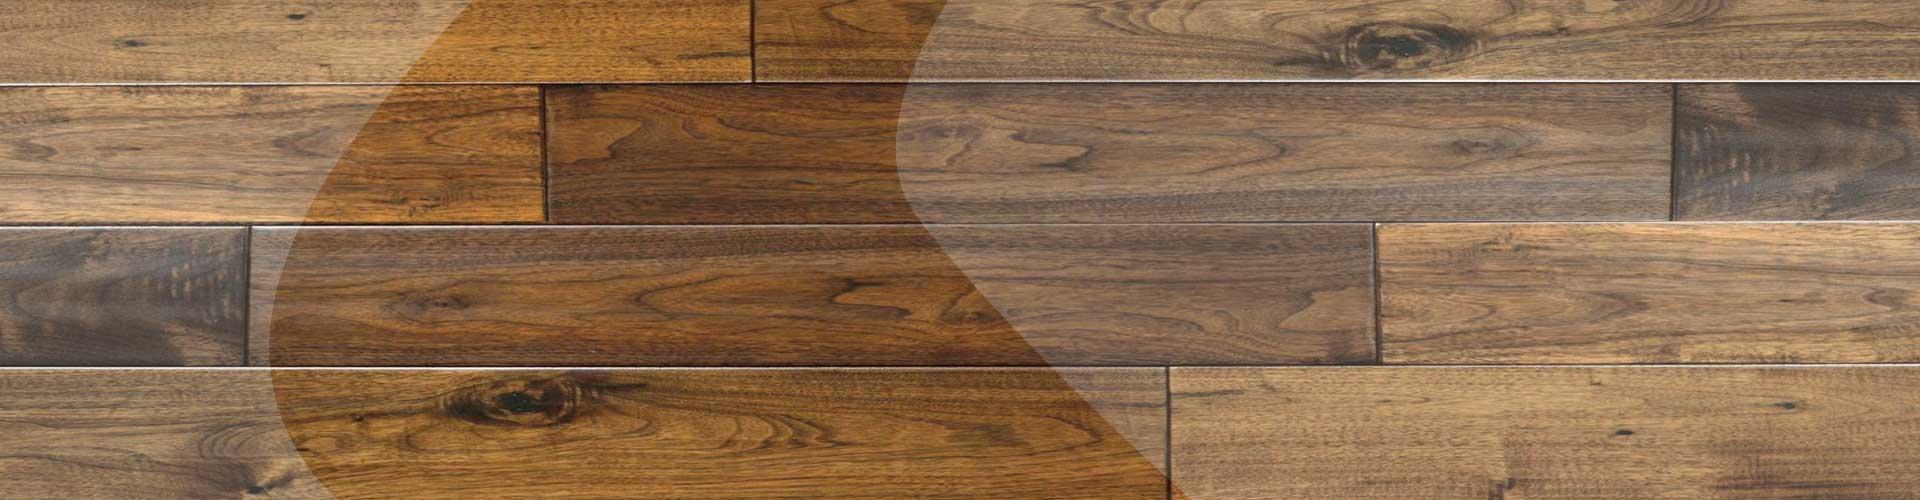 Floor Restore Wood Floor Slider